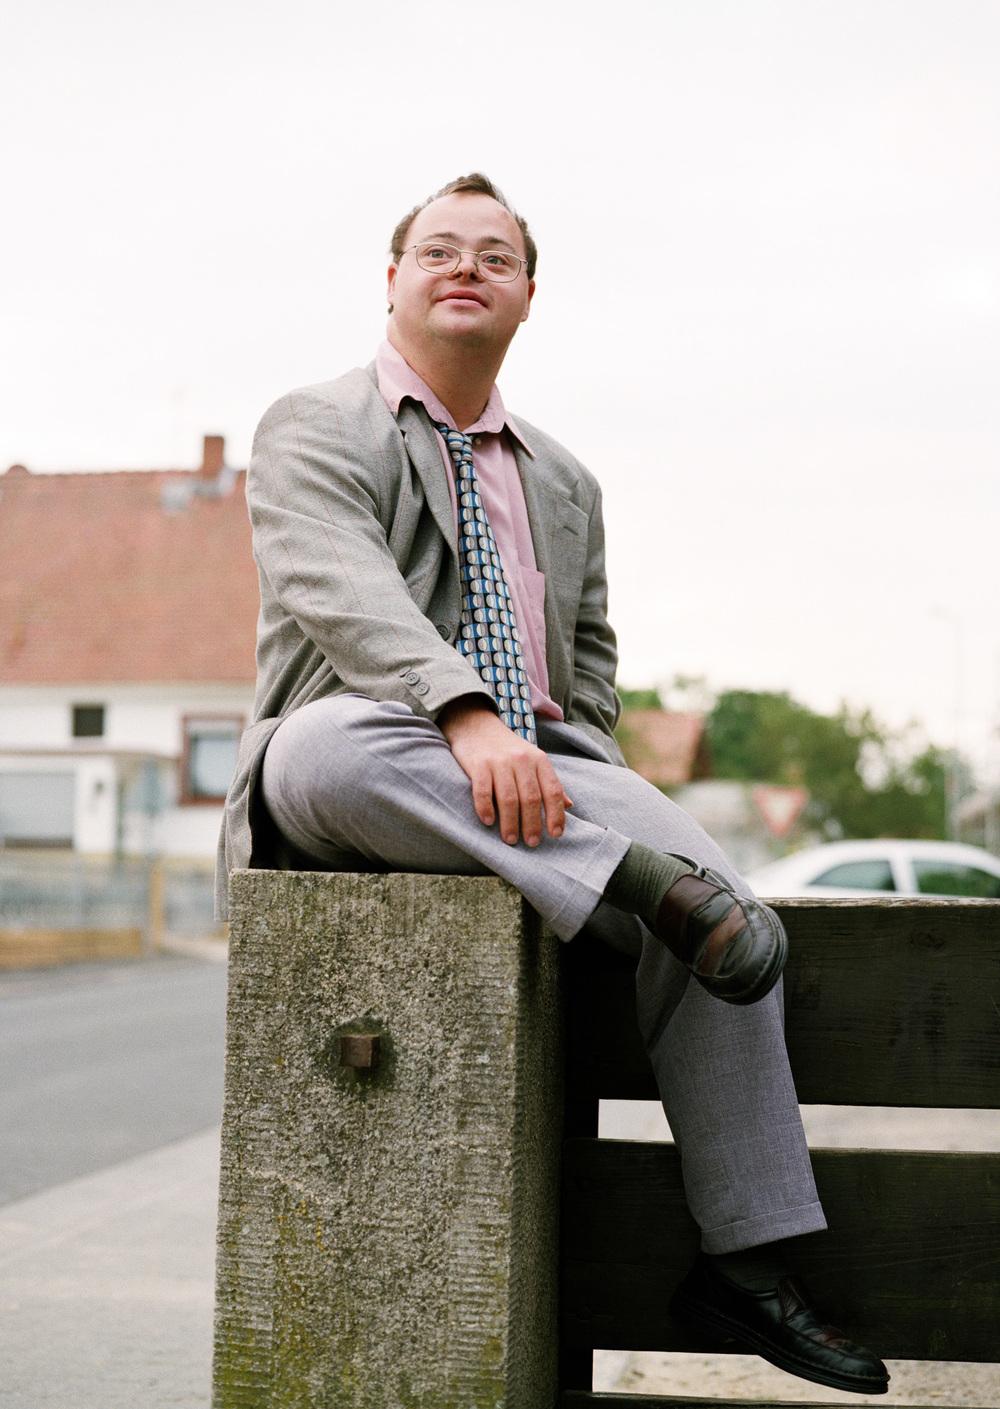 Marco Huber